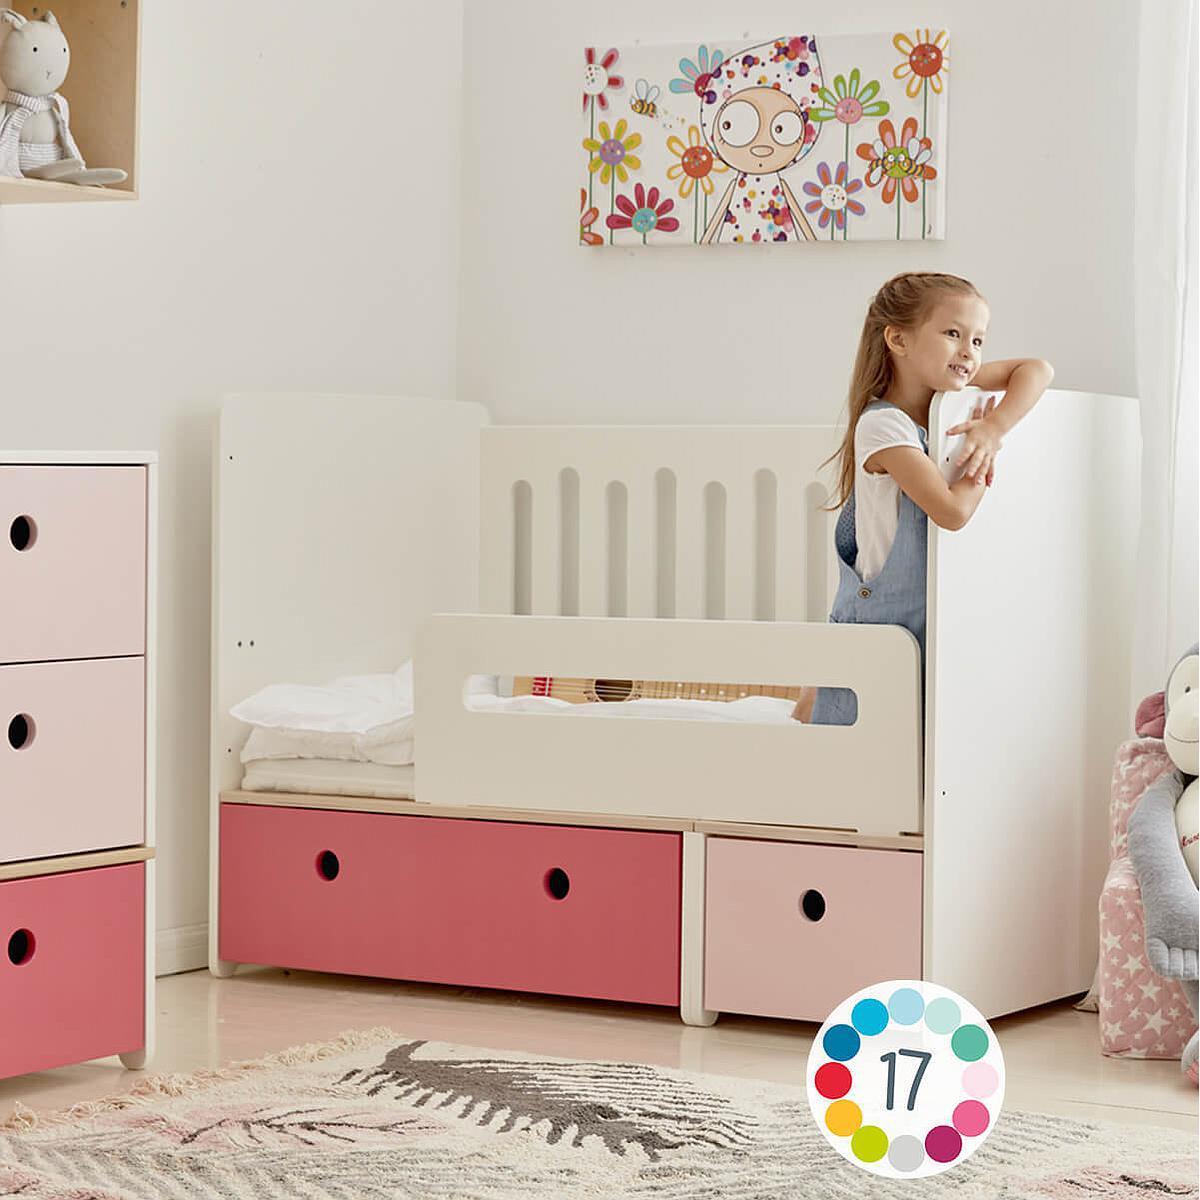 Babybett mitwachsend 70x140cm COLORFLEX sweet pink-plum